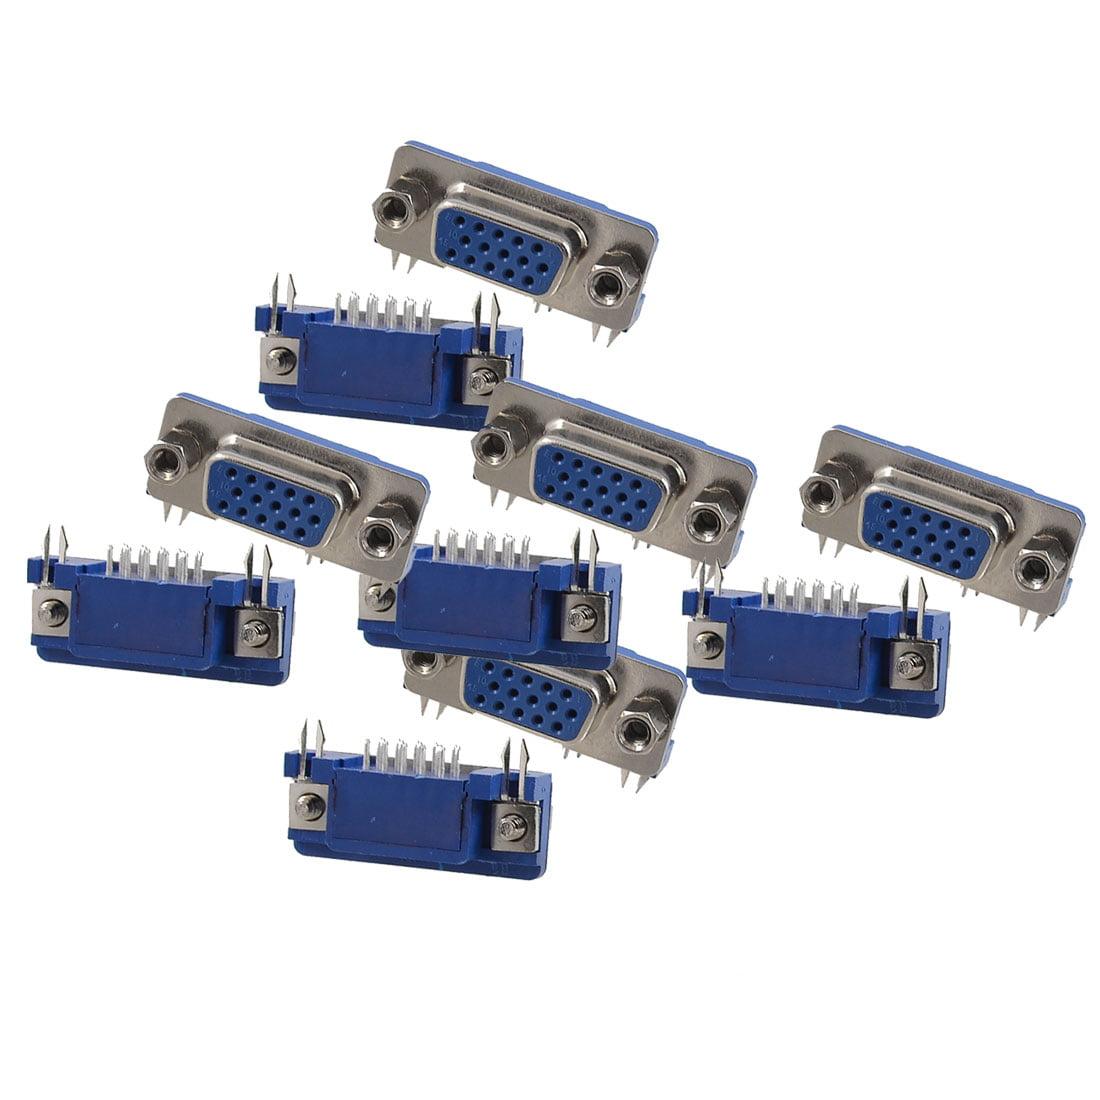 Unique Bargains 10 Pcs HDR 15-Pin Female Jack Plug Conver...